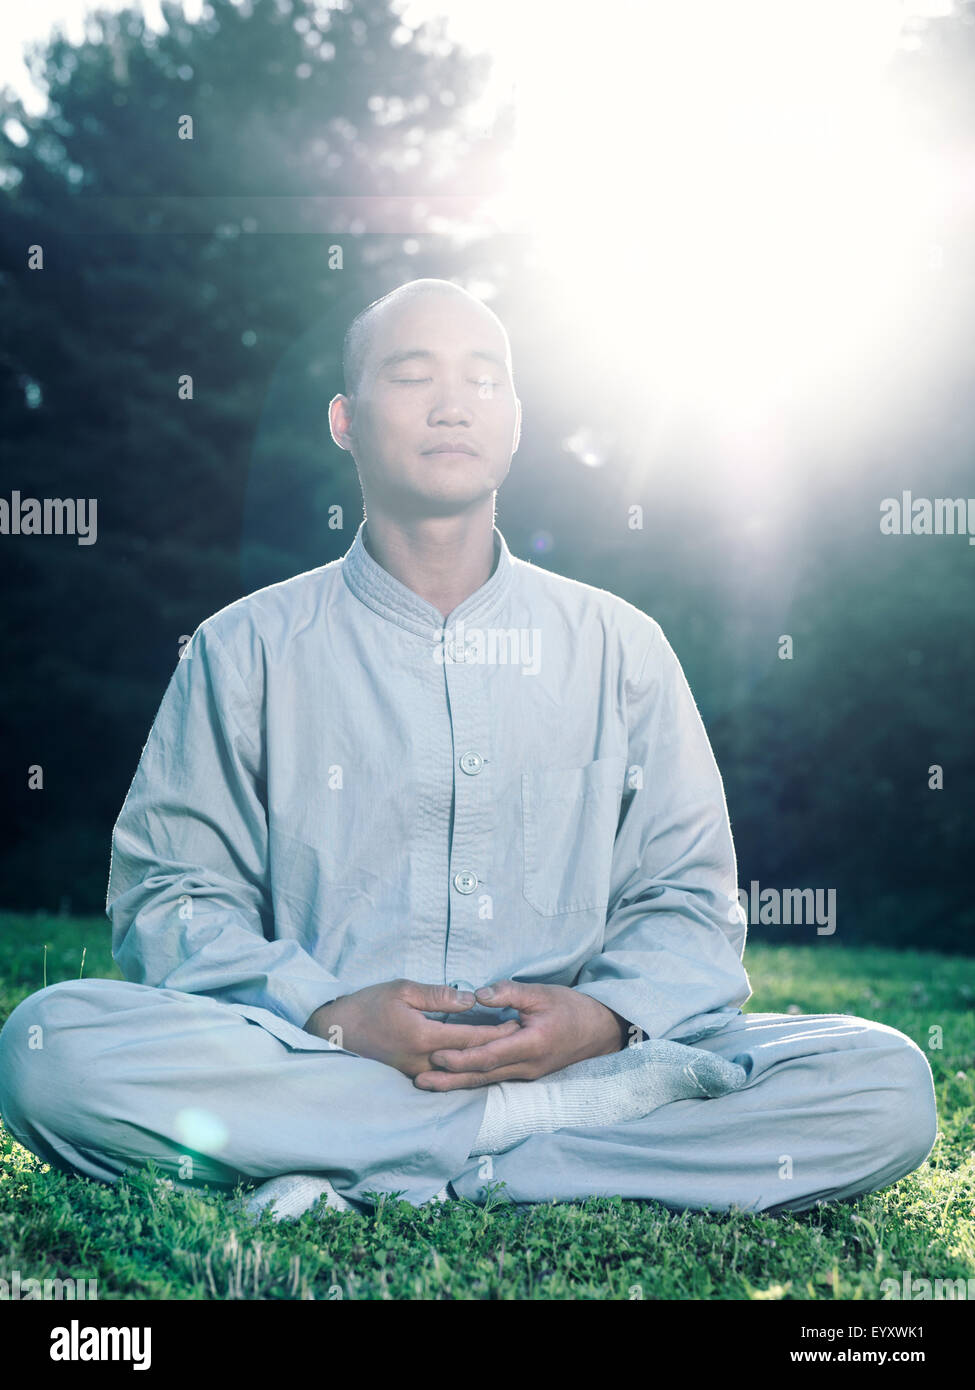 Moine Shaolin méditer en plein air pendant le lever du soleil dans la lumière du soleil Photo Stock